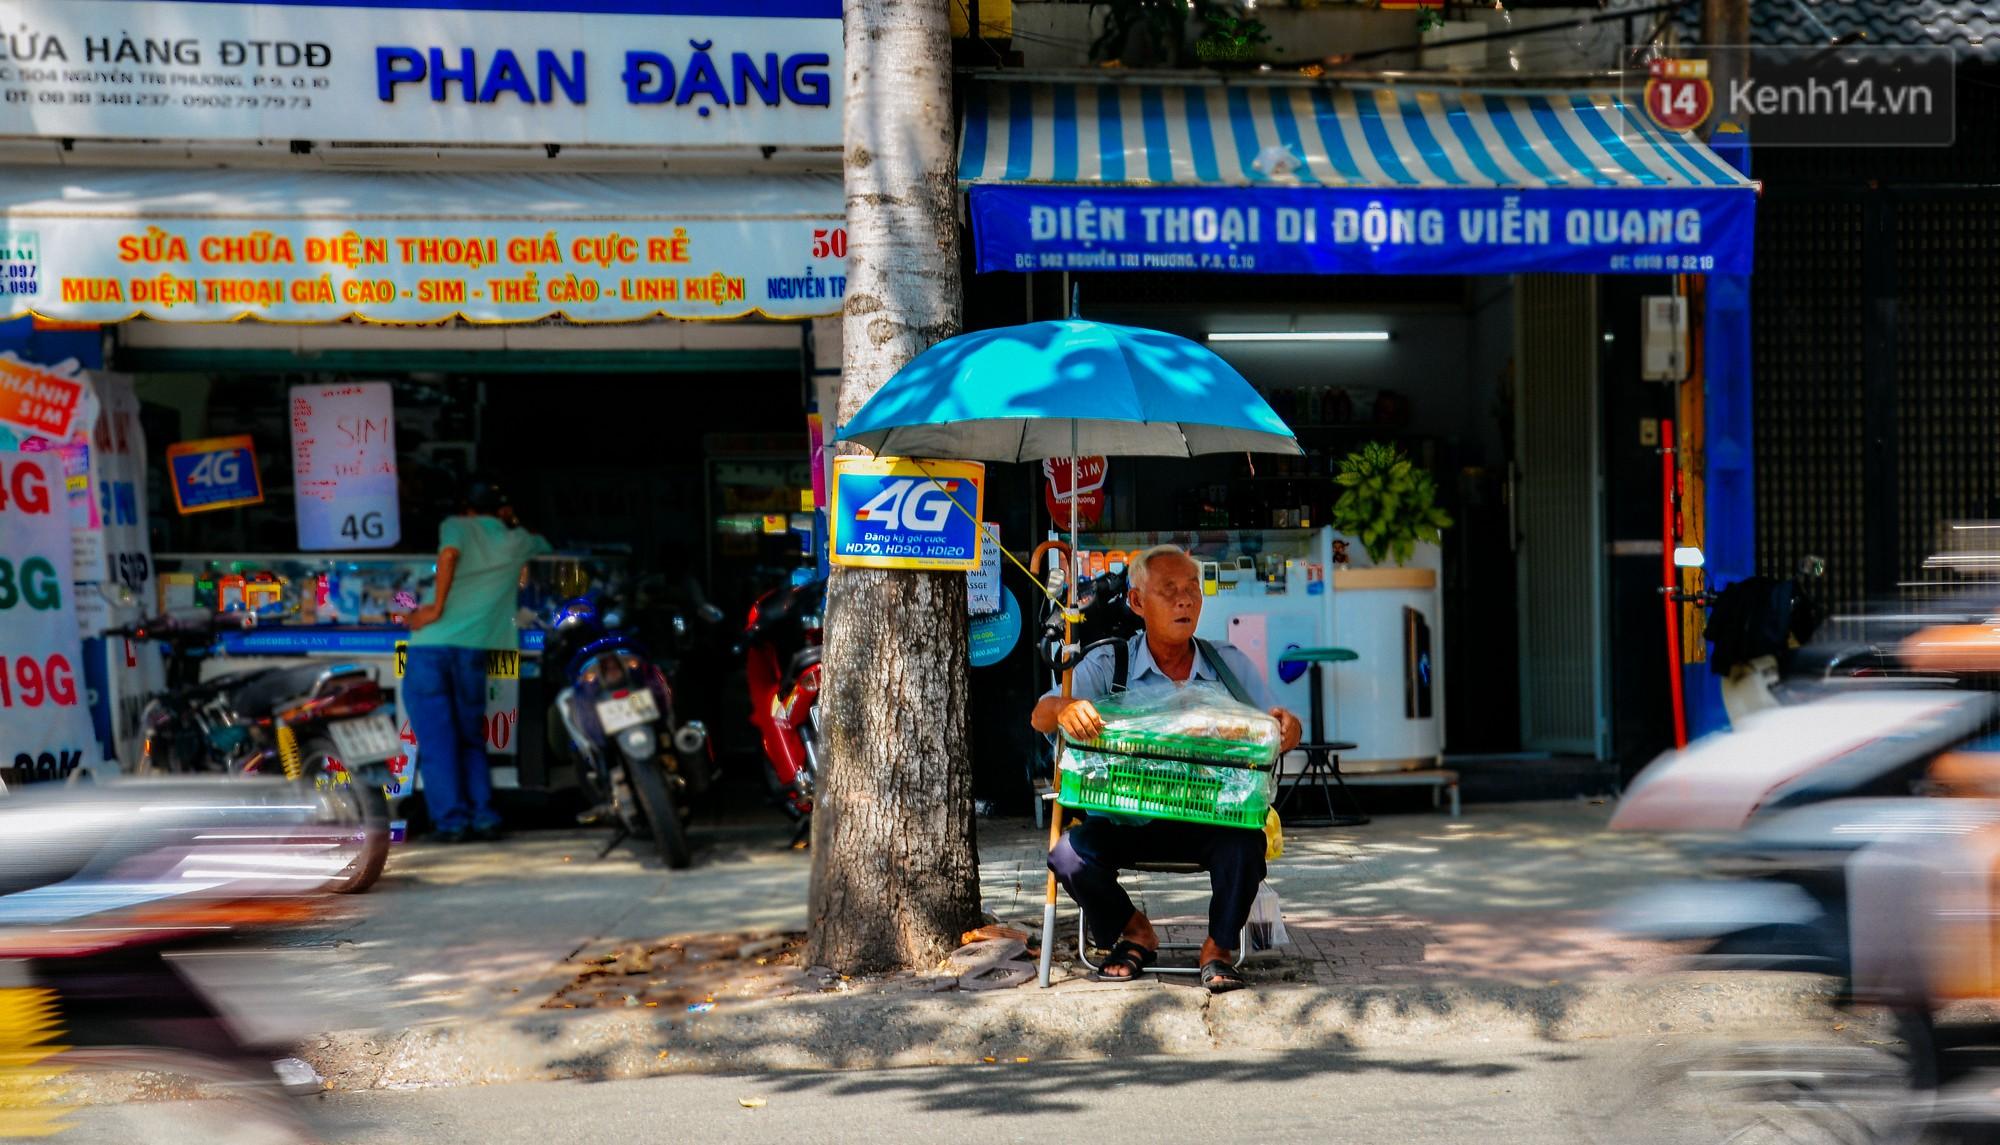 Chuyện tình chưa kể của ông lão mù bán bánh thuẫn ở Sài Gòn: 'Tui nhỏ hơn vợ 2 tuổi, mà nói chuyện dễ mến nên bả ưng tui!' 2